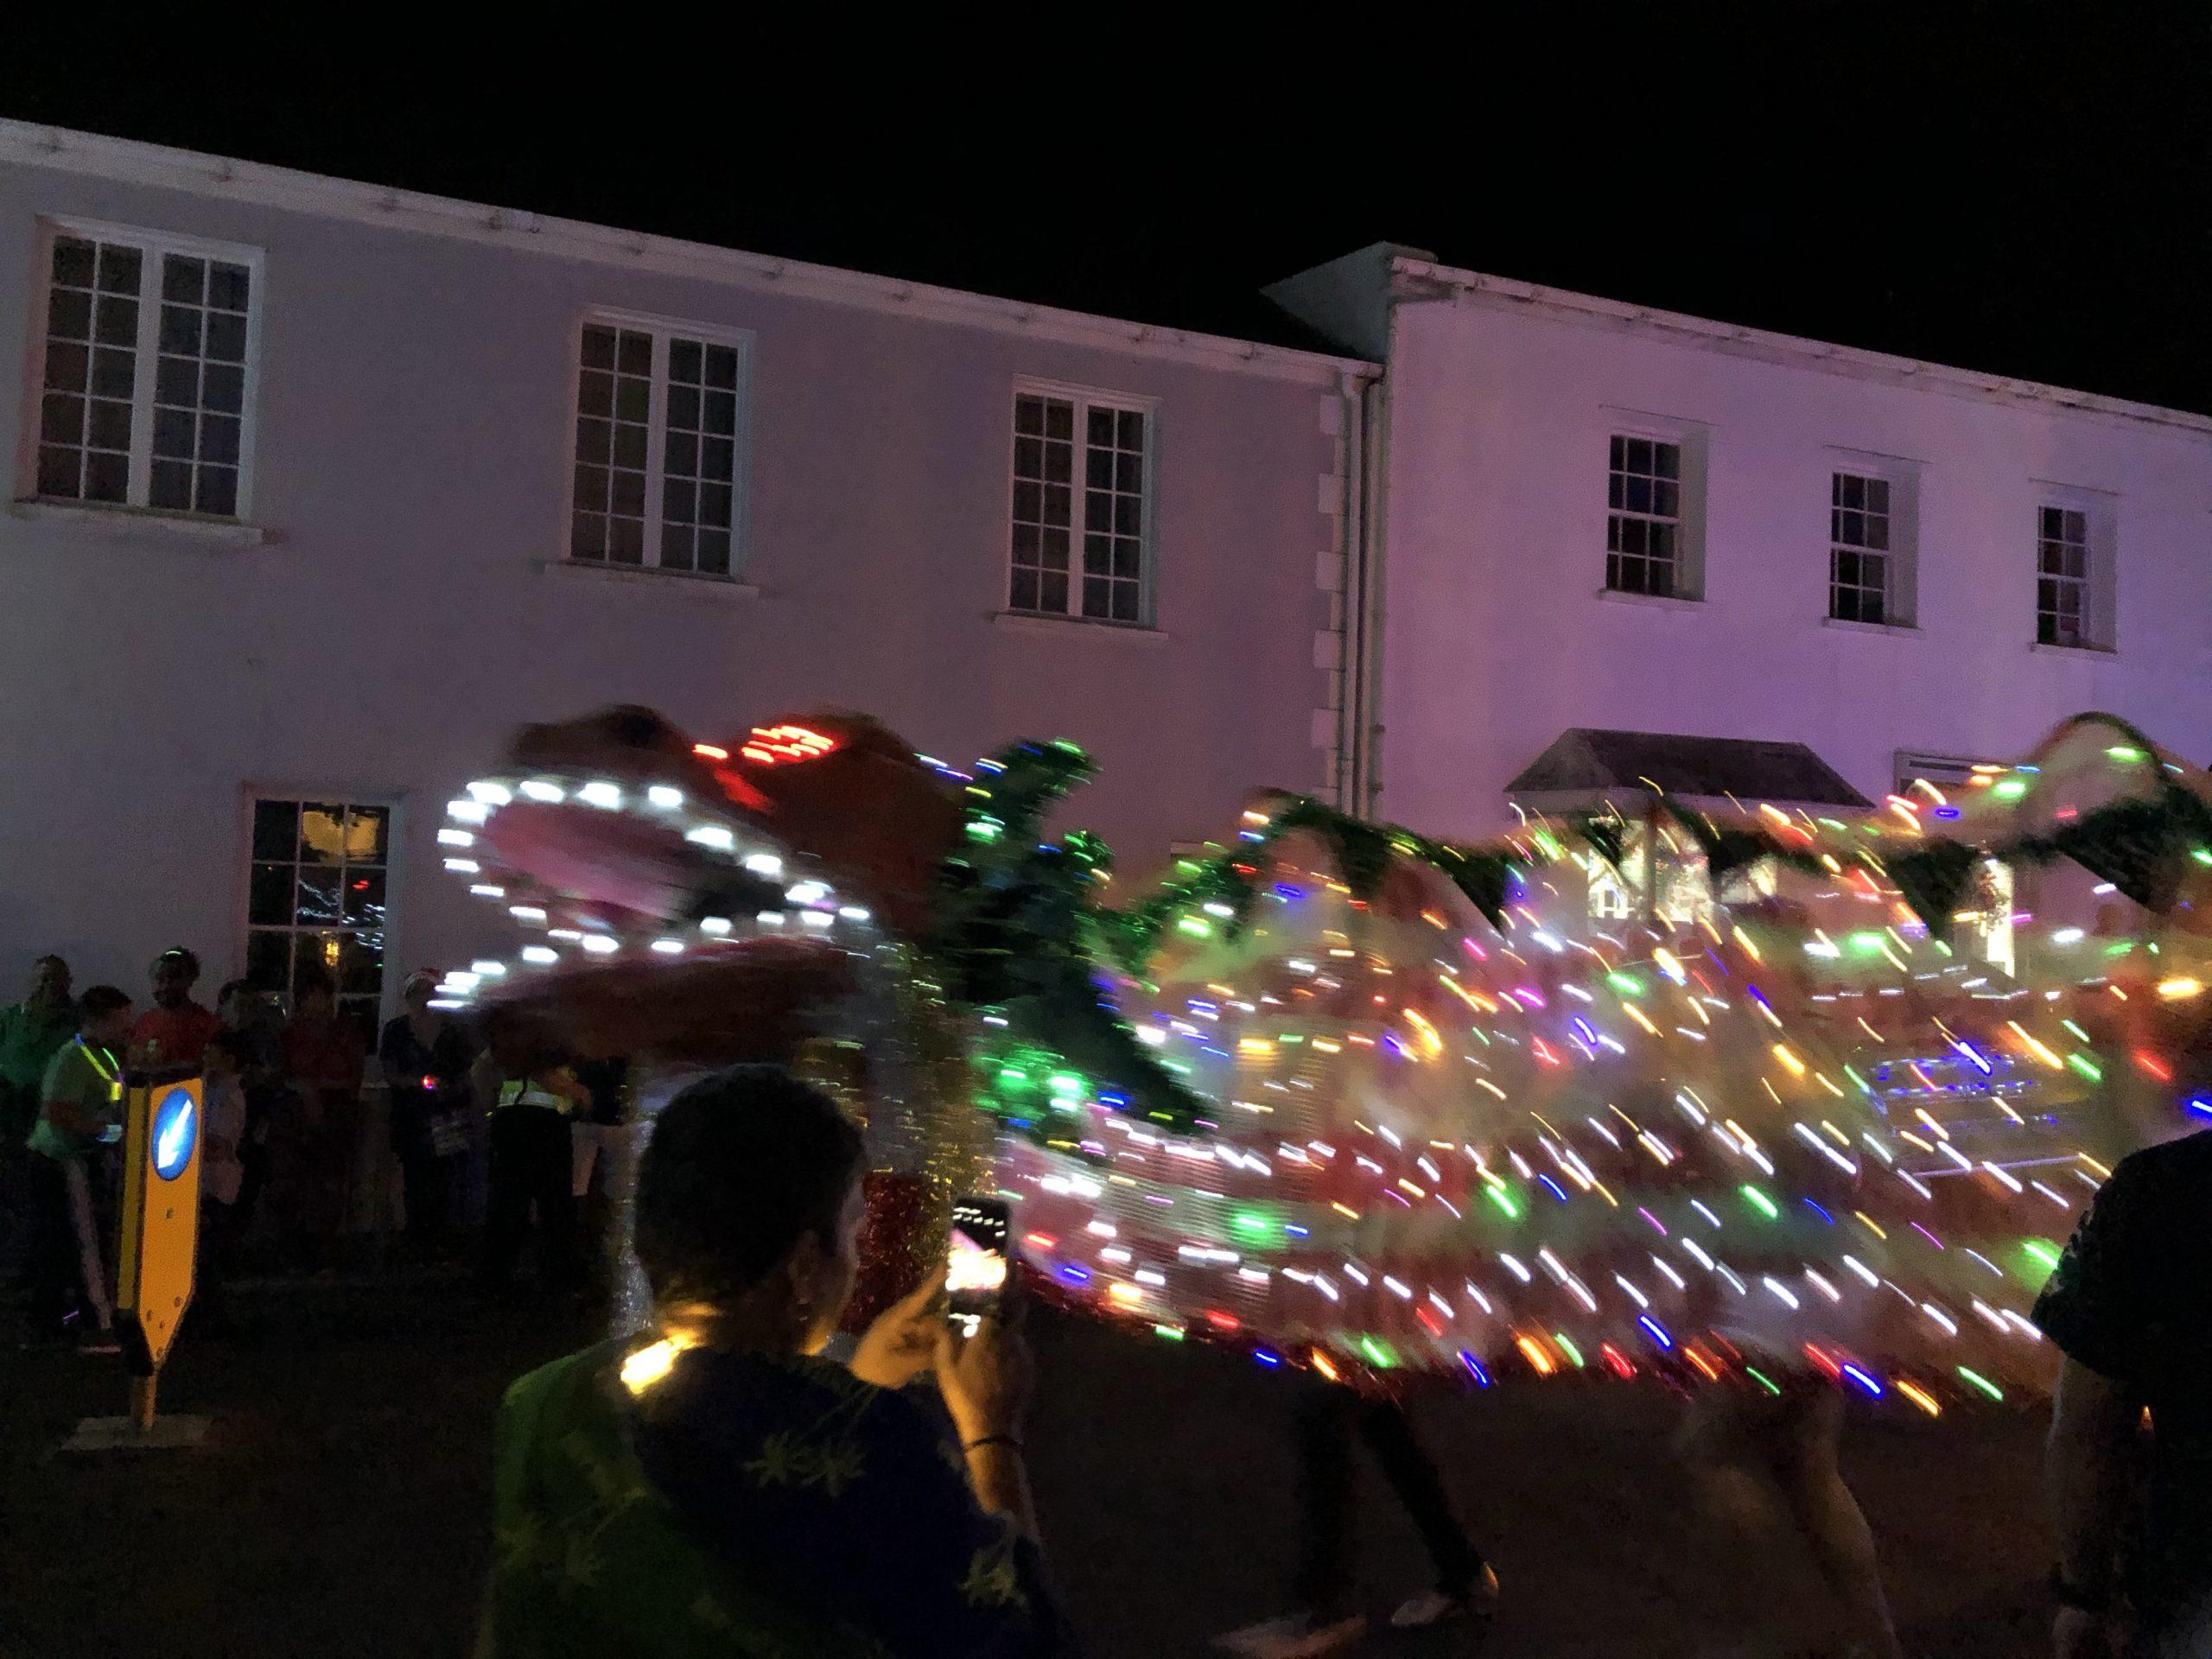 St. Helena Festival of Lights